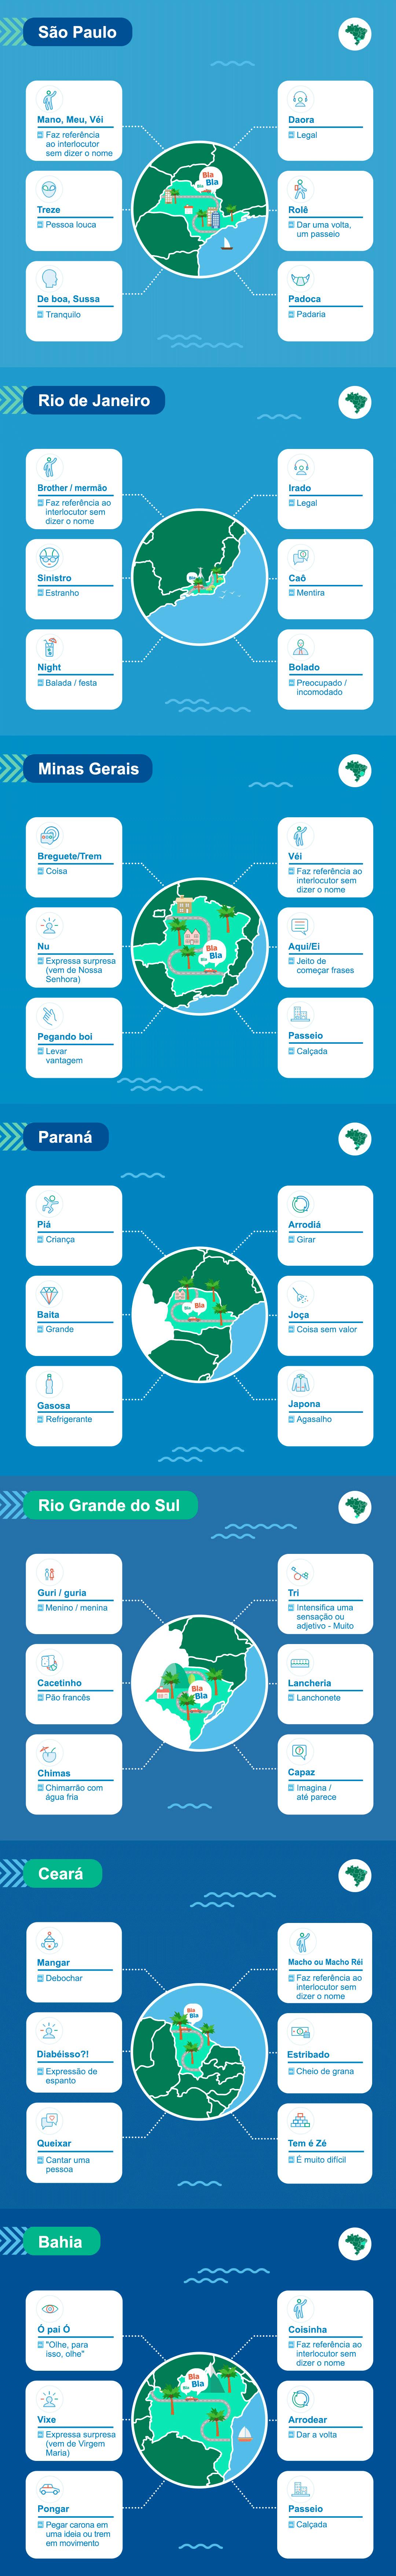 dicionario-de-girias-dos-estados-brasileiros